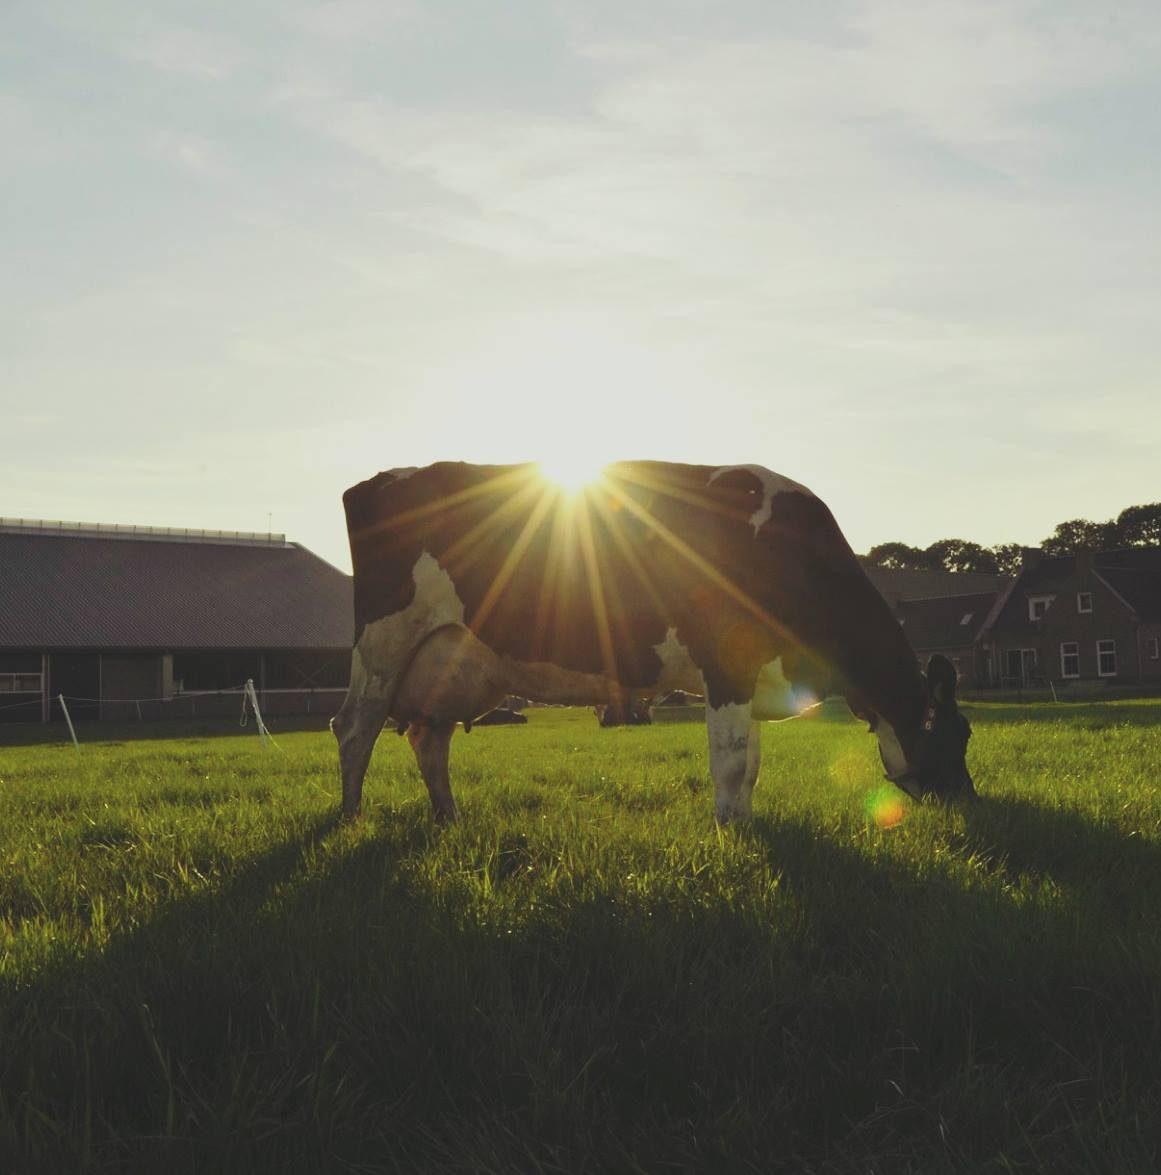 Koe buiten – Grazeway